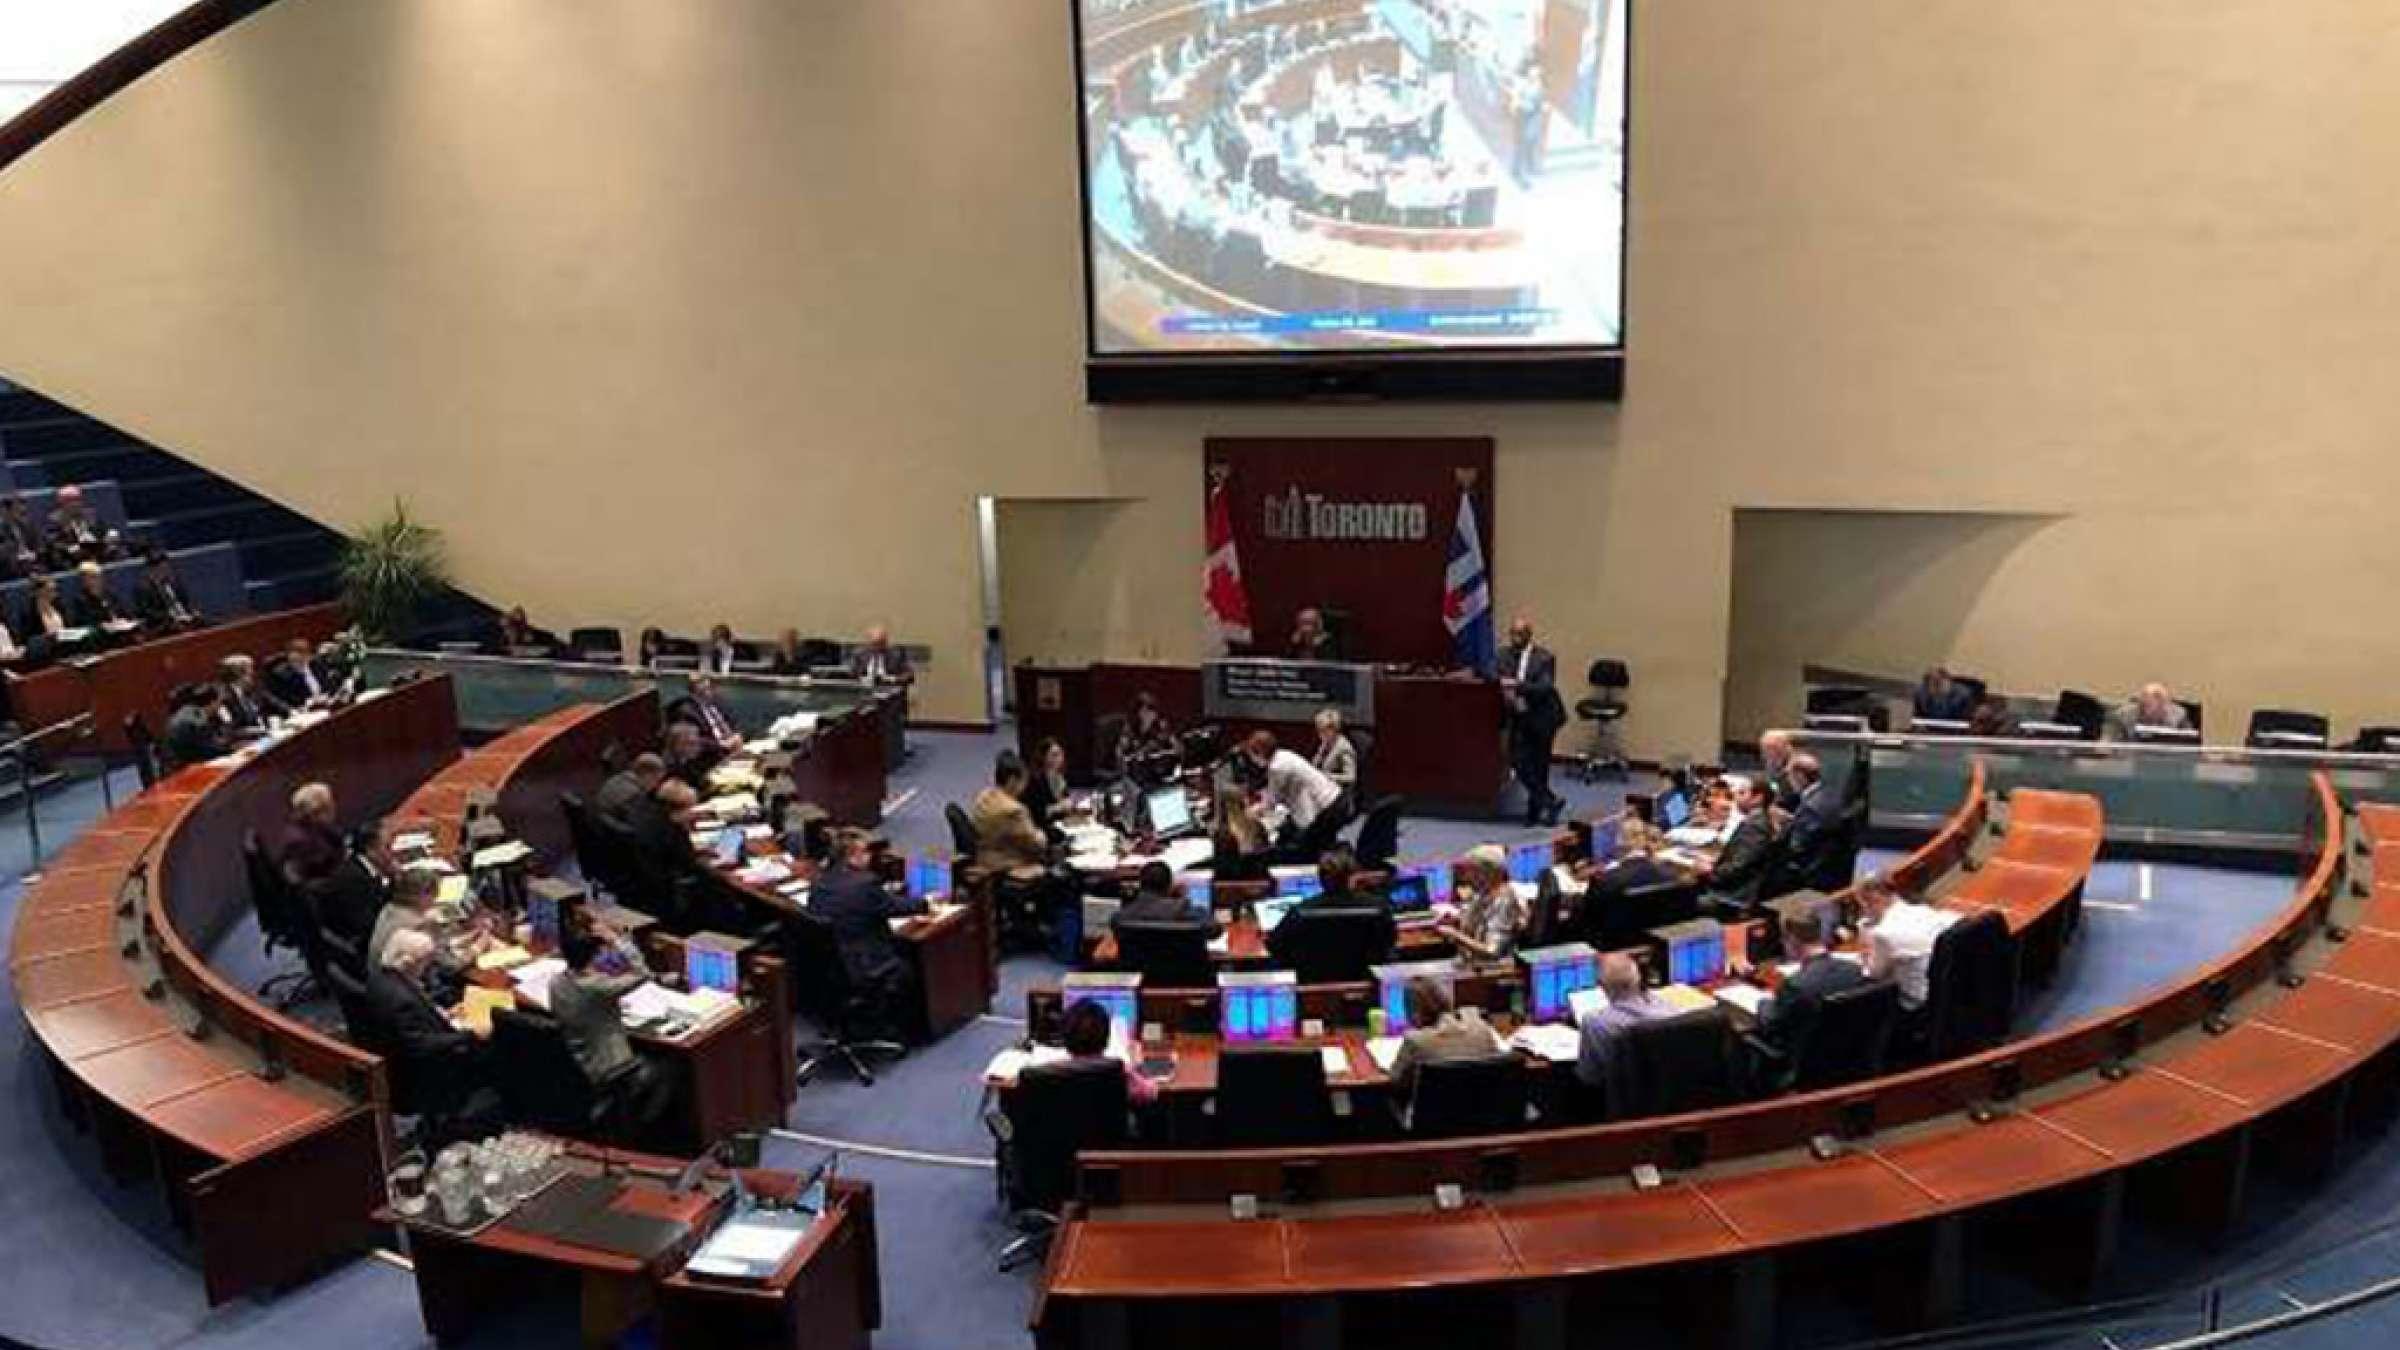 اخبار-تورنتو-شهرداری-قانون-کاهش-اعضاء-شورای-شهر-را-به-دادگاه-عالی-برد